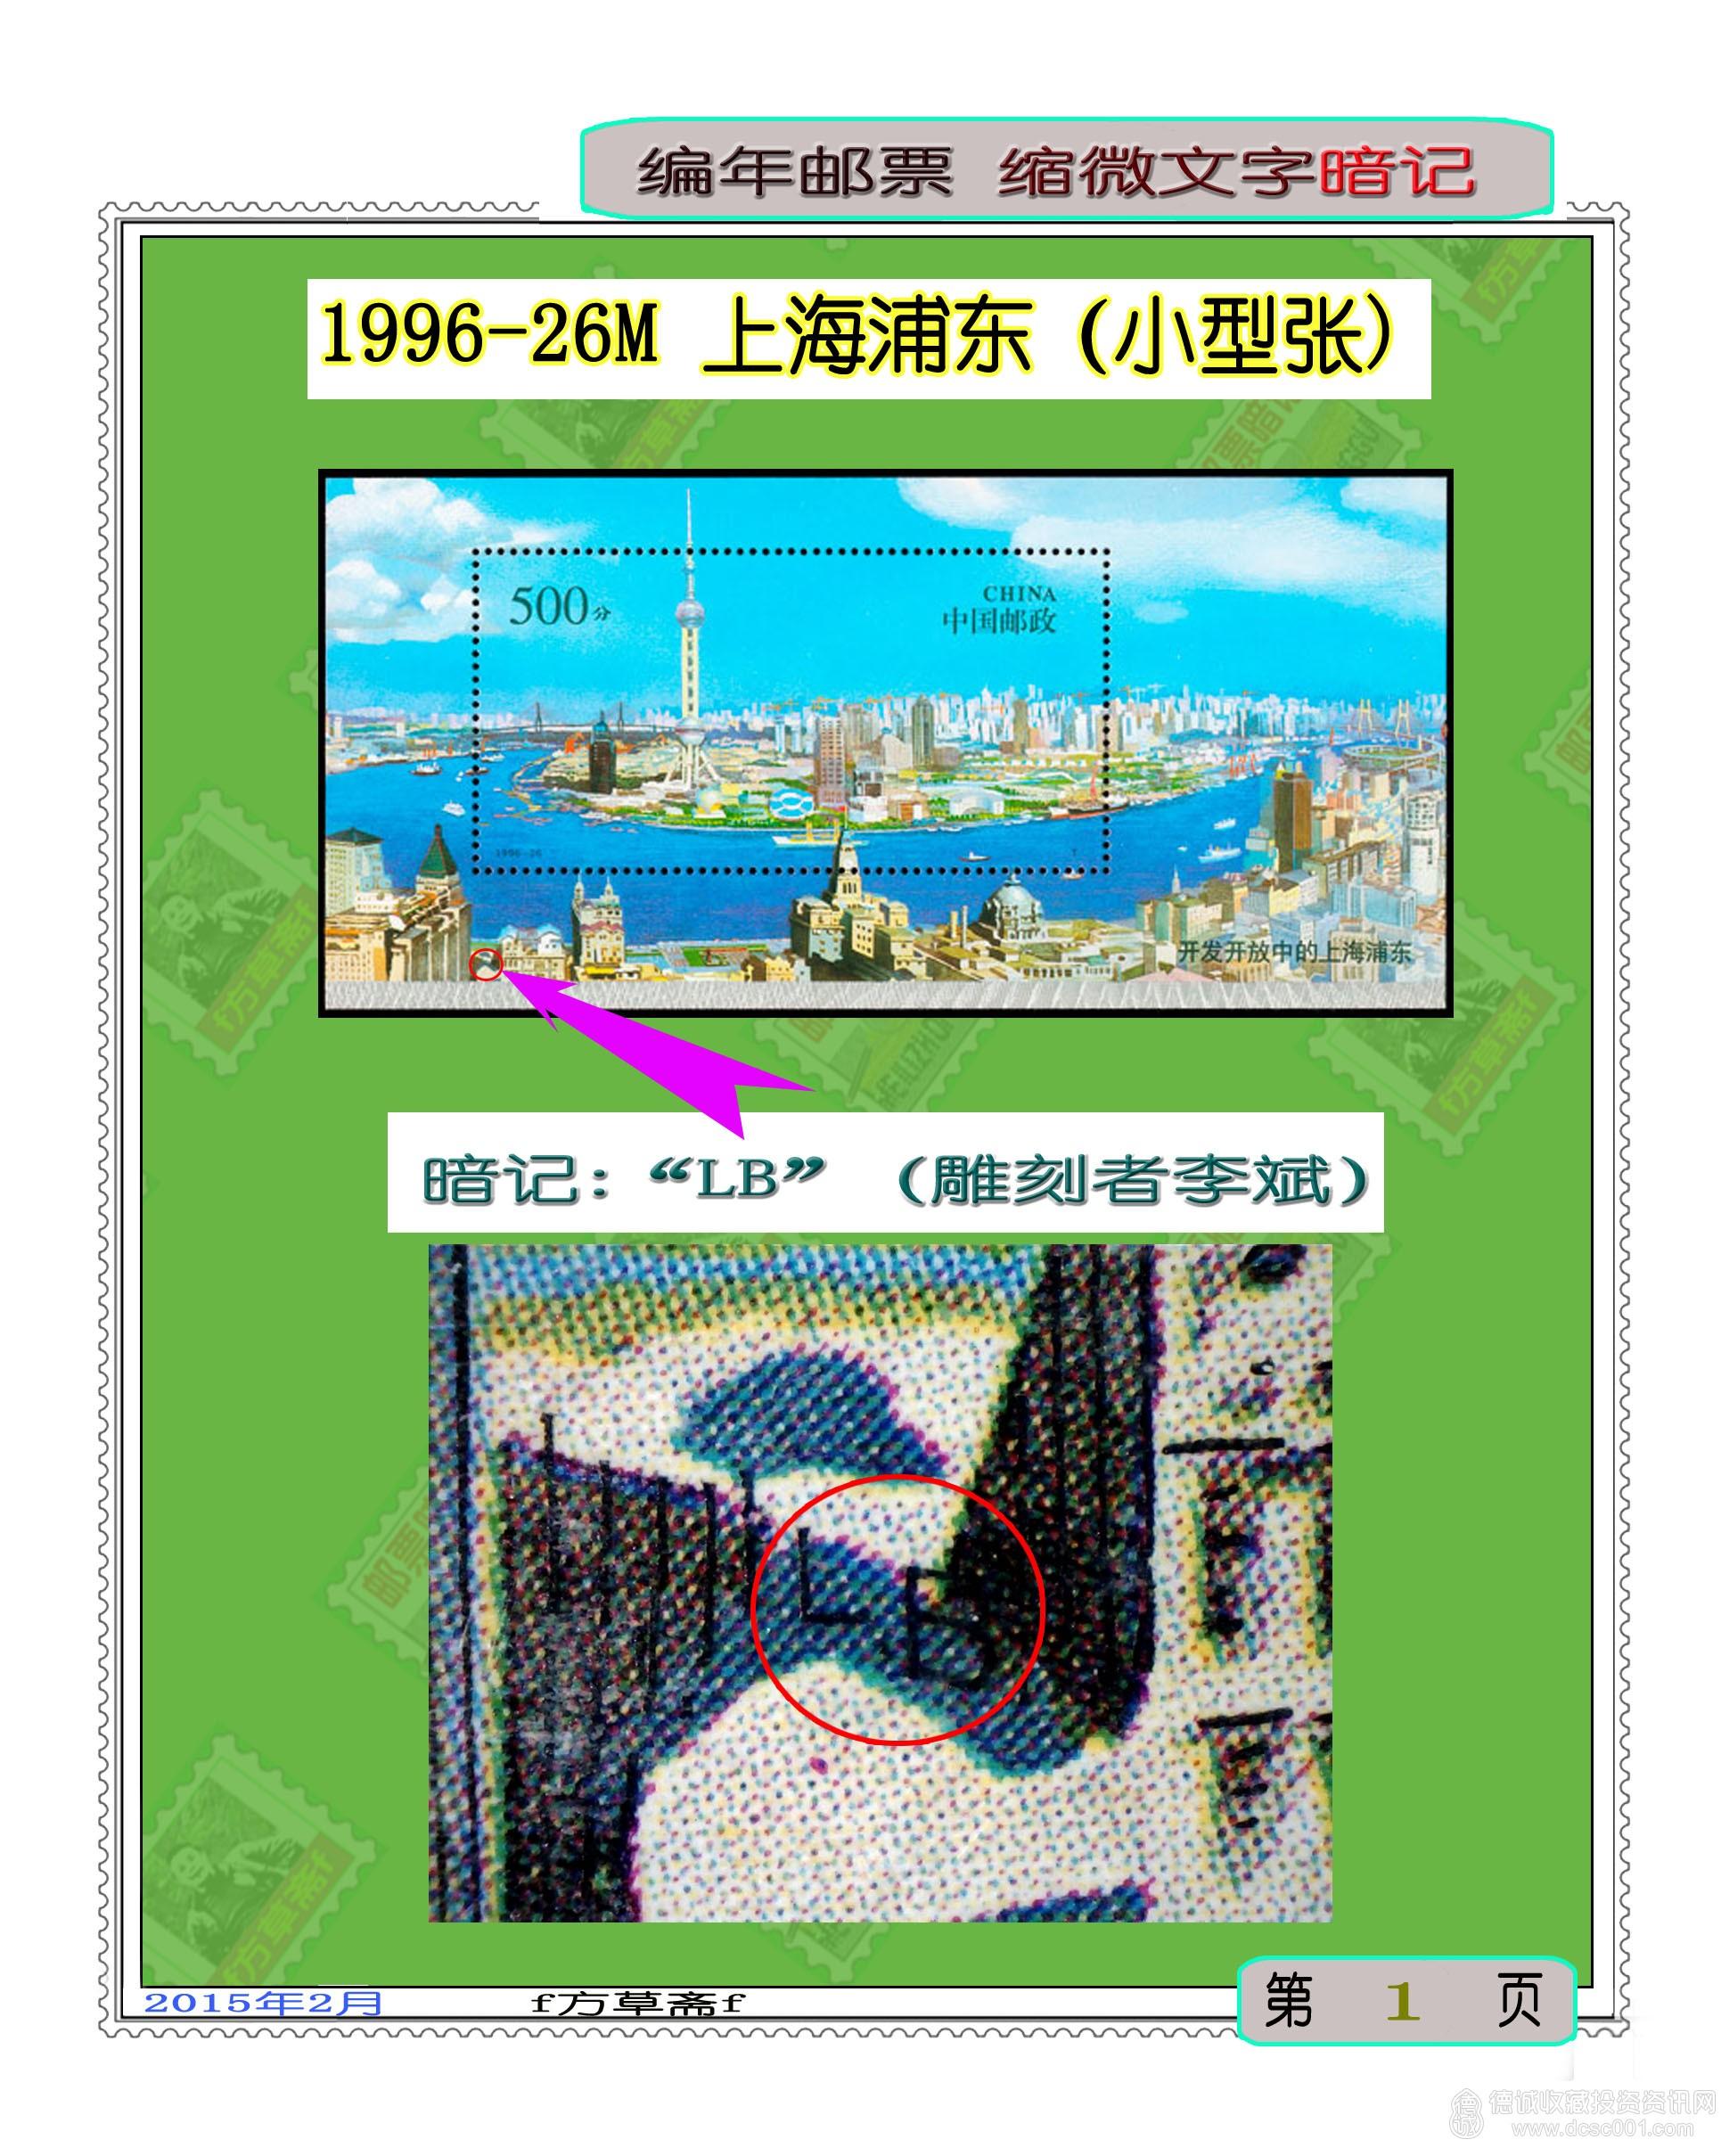 1996-26M上海浦东(小型张).jpg